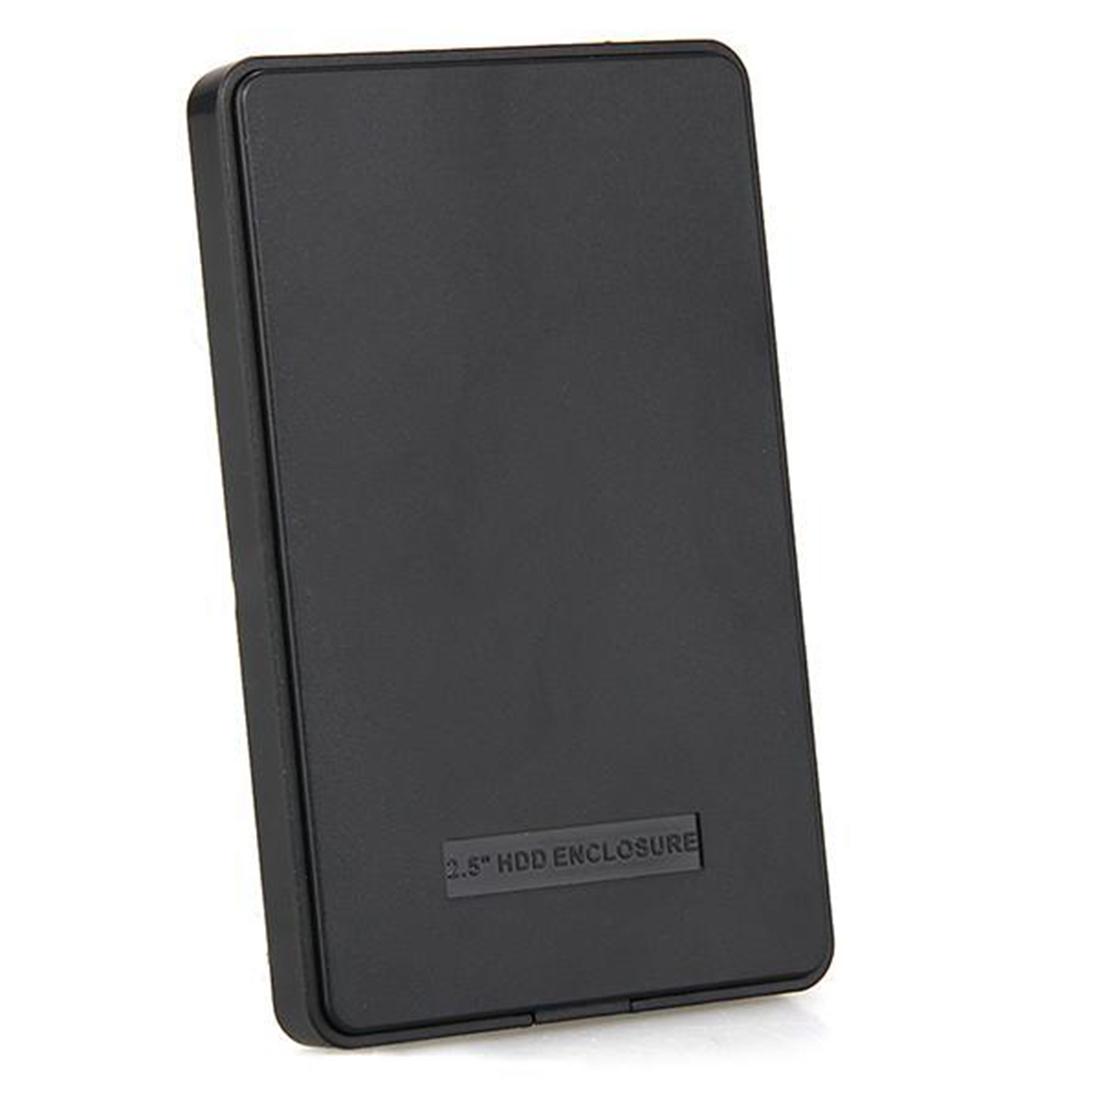 New arrive black external enclosure for hard disk 2 5inch - Porta hard disk sata ...